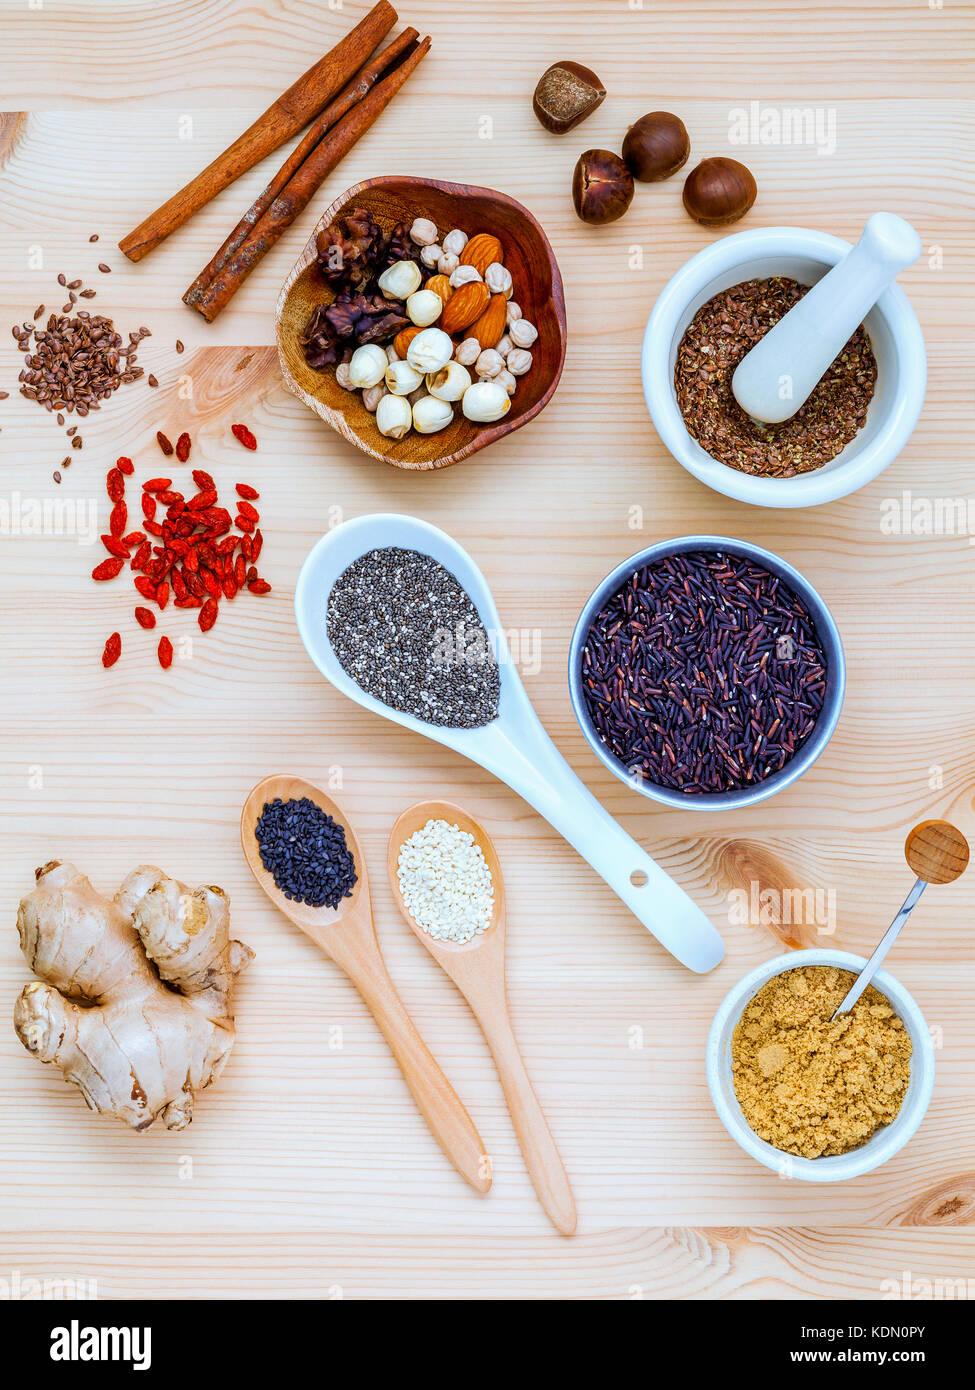 Nahrhafte Lebensmittel und Super Foods Auswahl mit Zuschlag Pulvern in Mörtel und Löffel setup auf Holz Stockbild